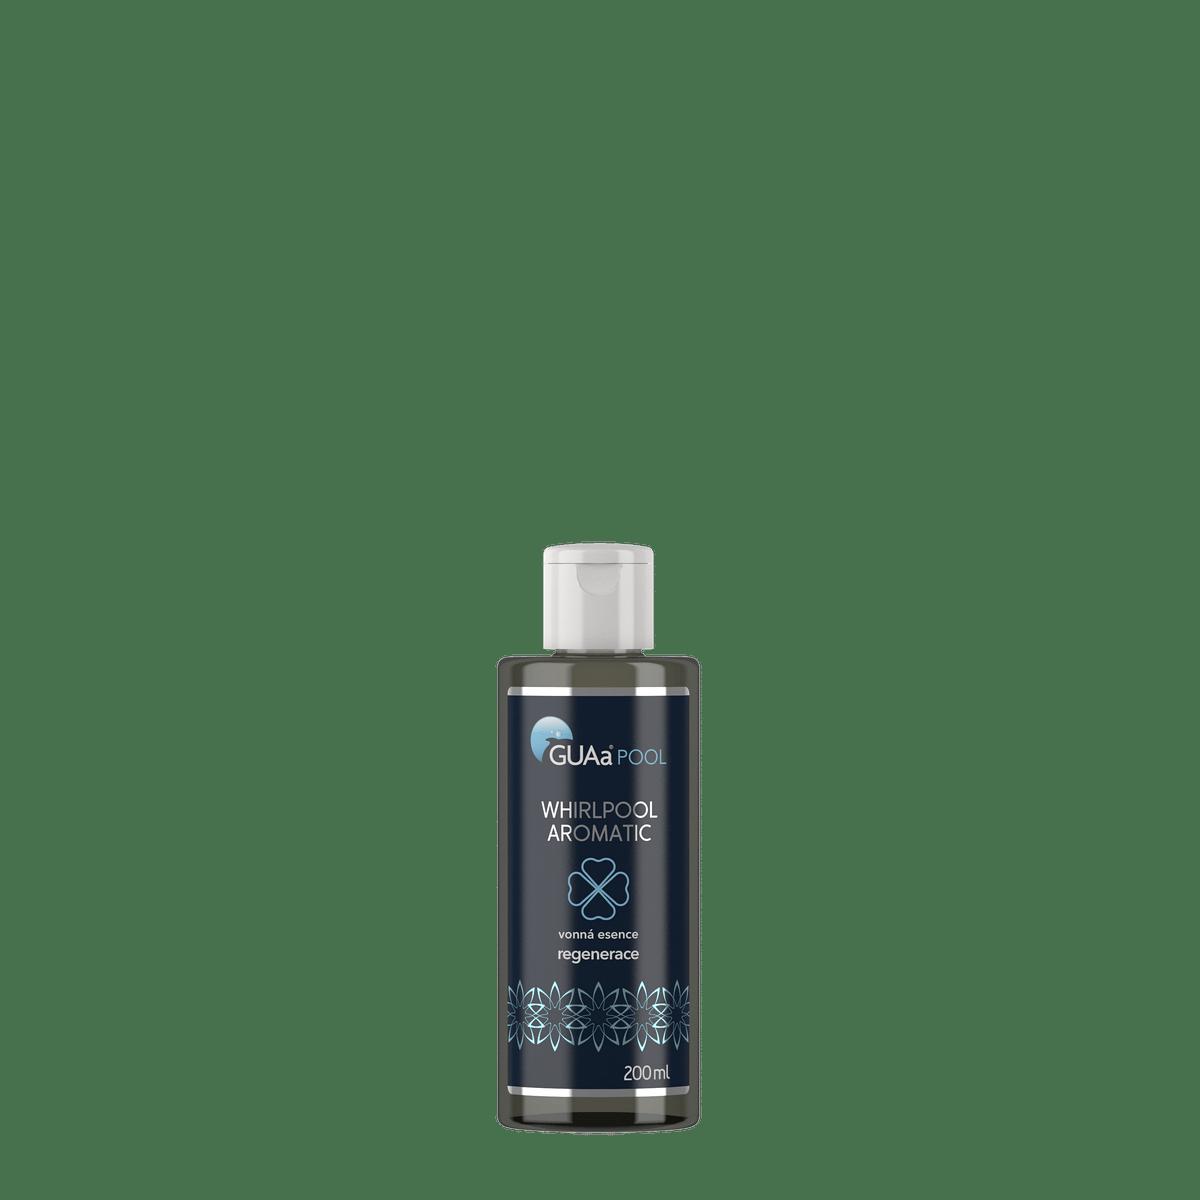 GUAa POOL WHIRLPOOL AROMATIC - Regenerace - vonná esence pro vířivé a masážní vany